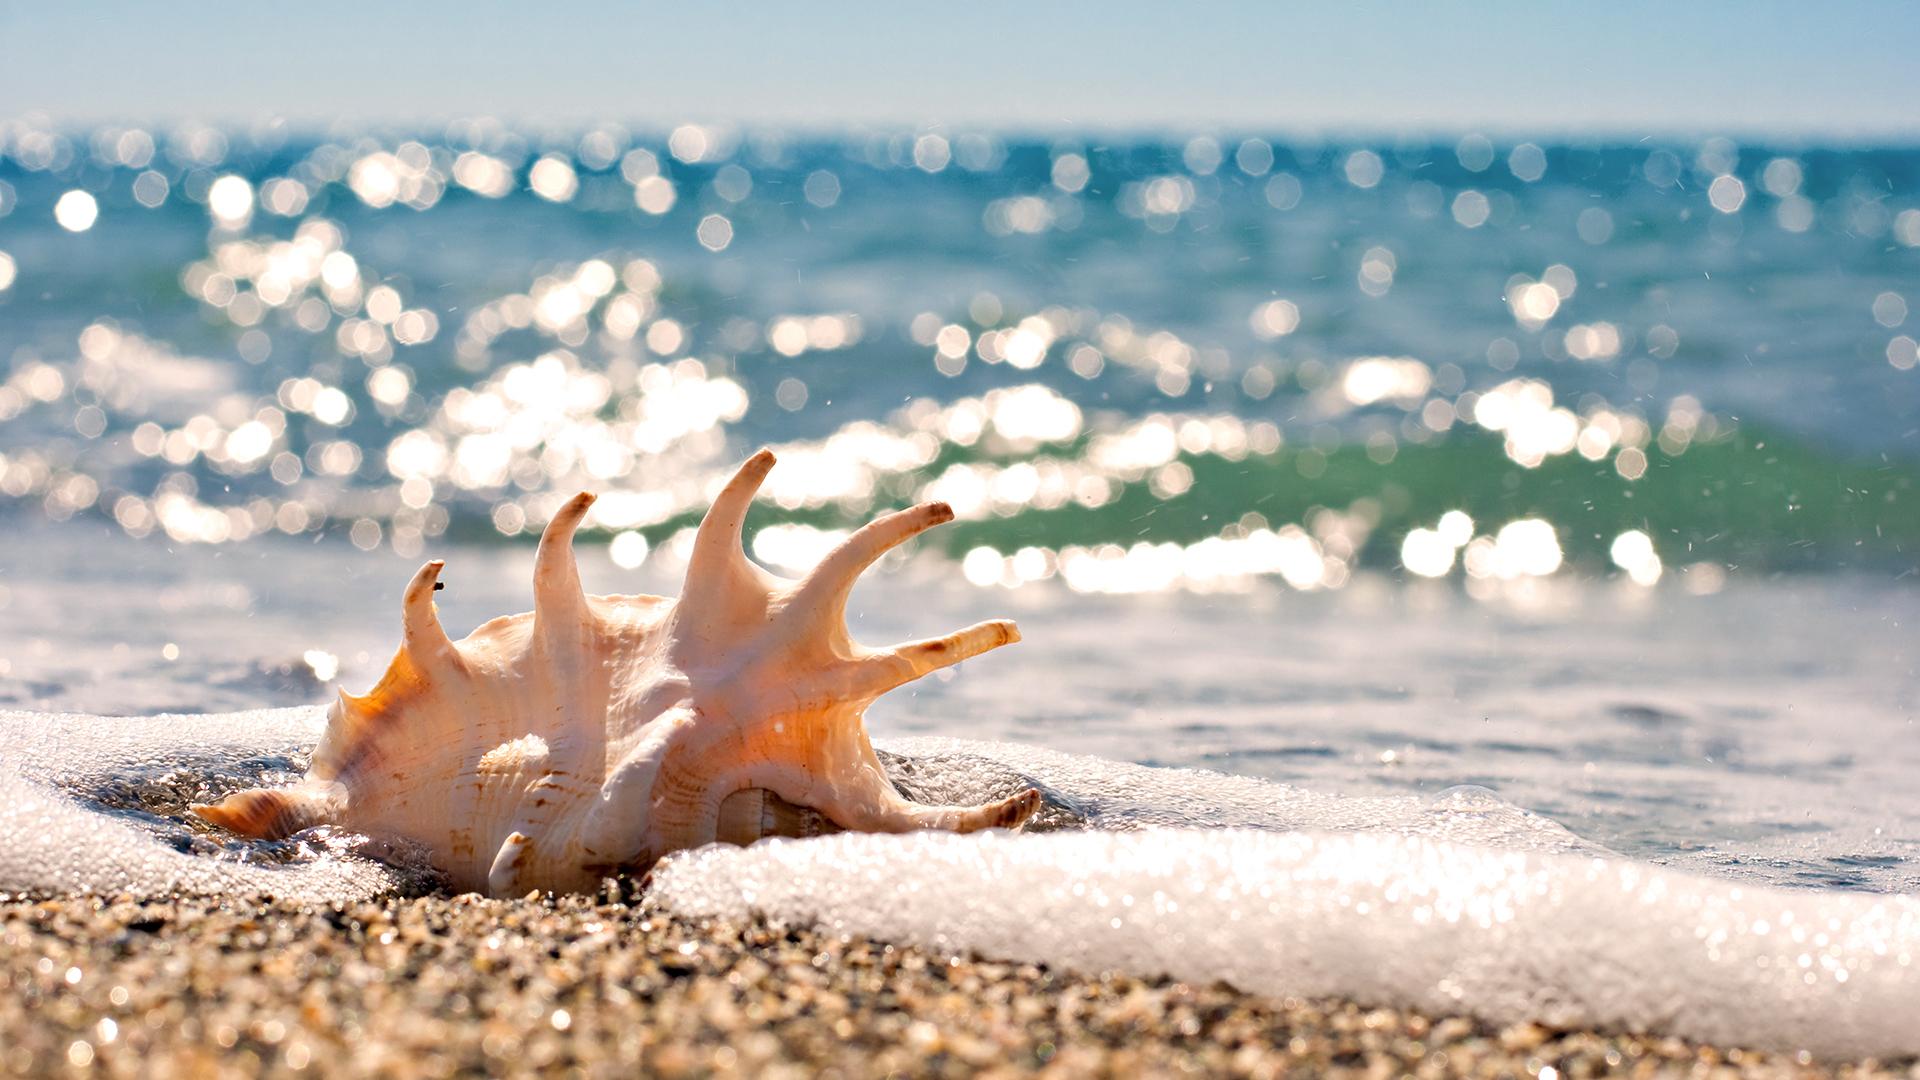 обои для рабочего стола морской песок № 833543 без смс